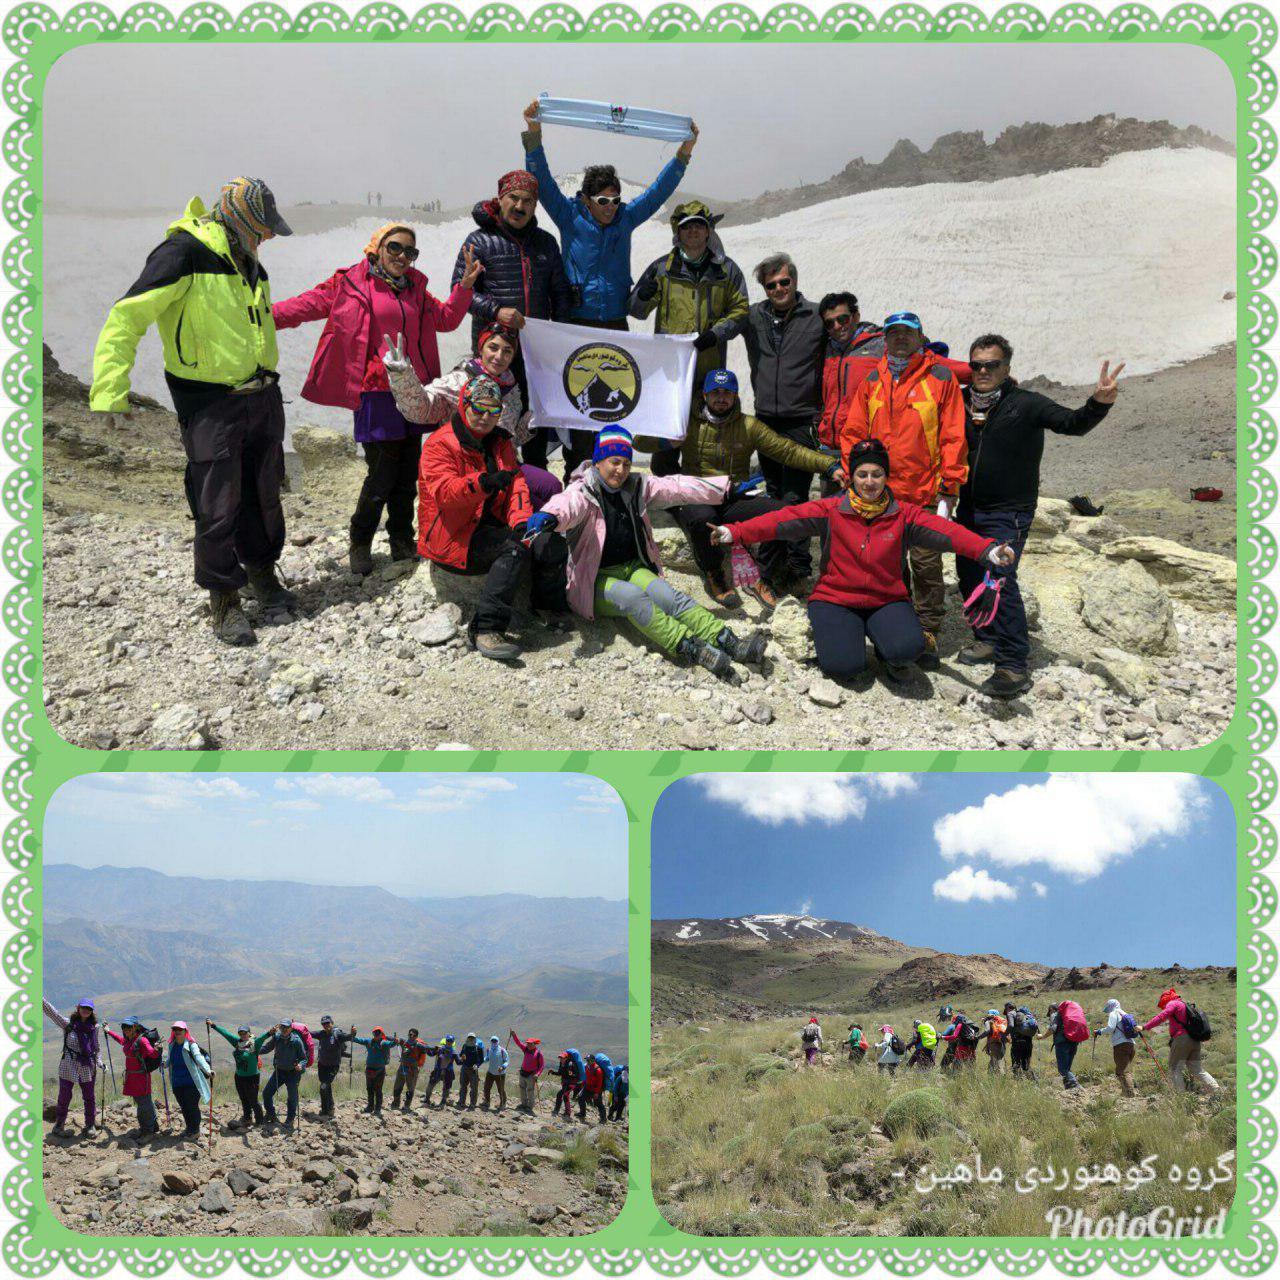 گزارش برنامه صعود به قله دماوند مسیر جنوبی